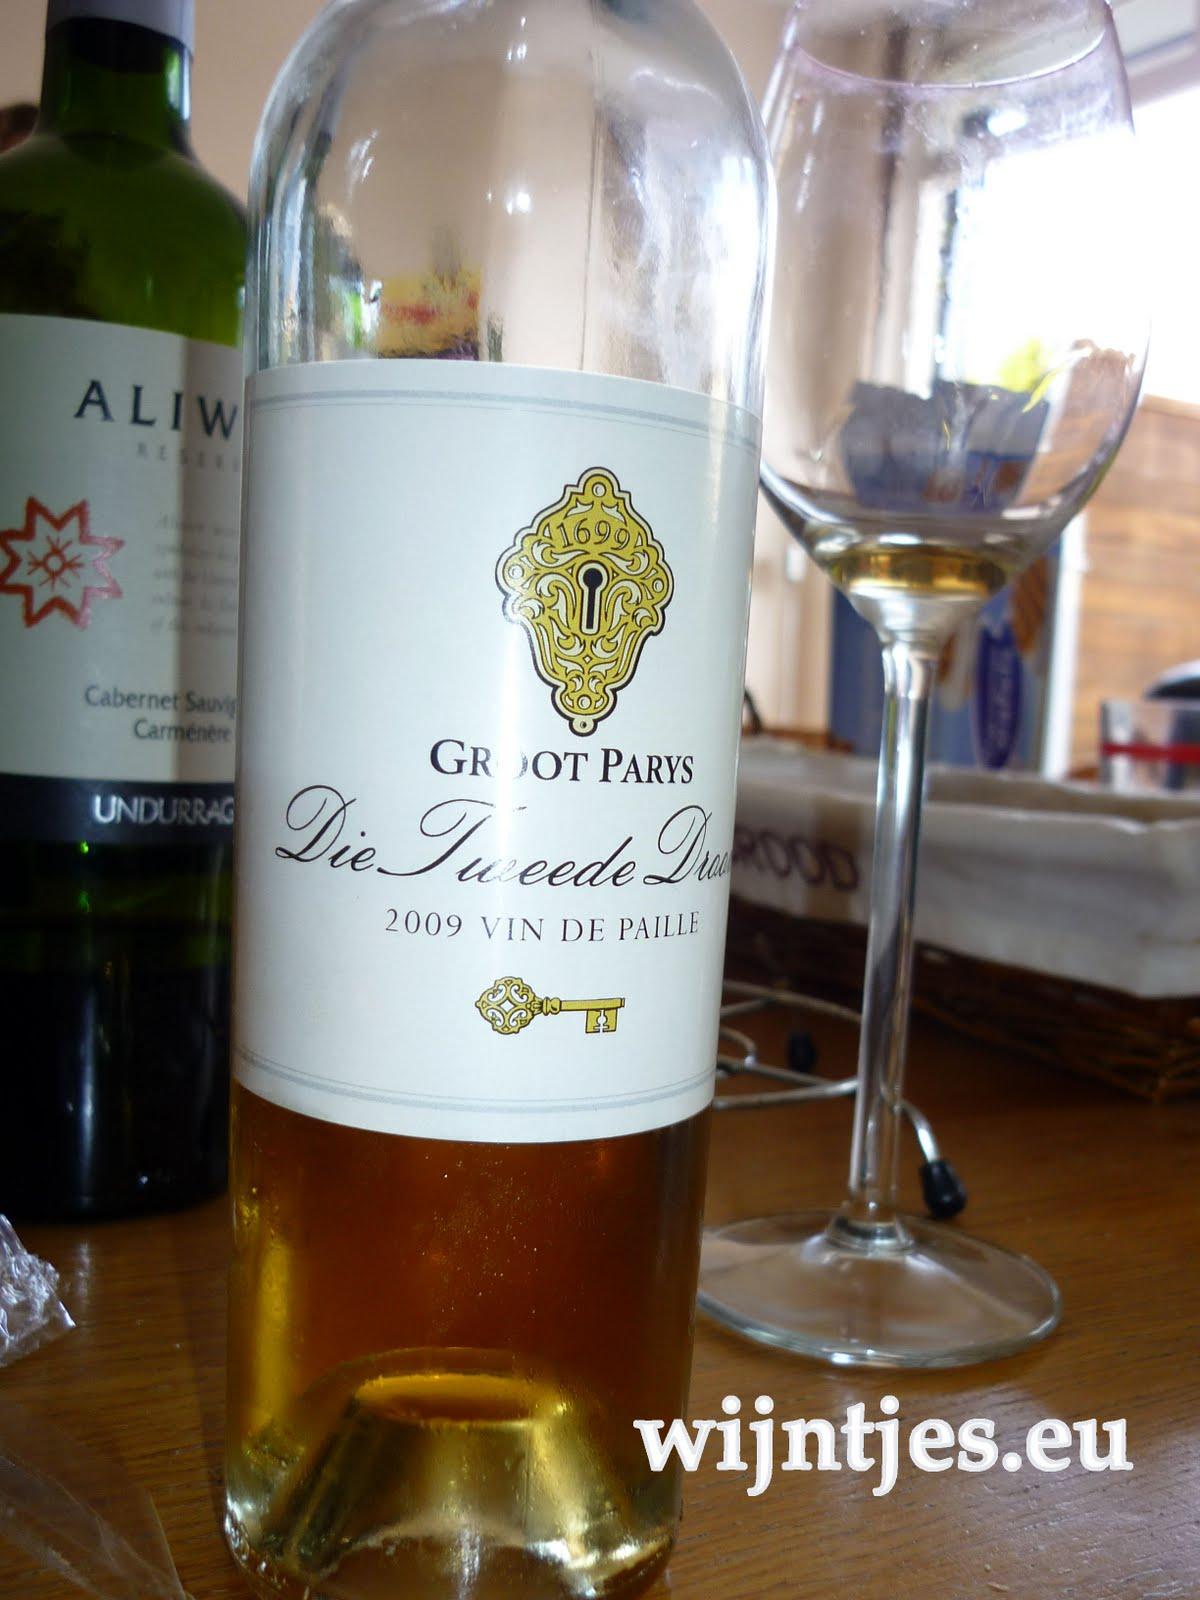 Het gegiste druivensap 2011 - Ventilatie grot een vin ...